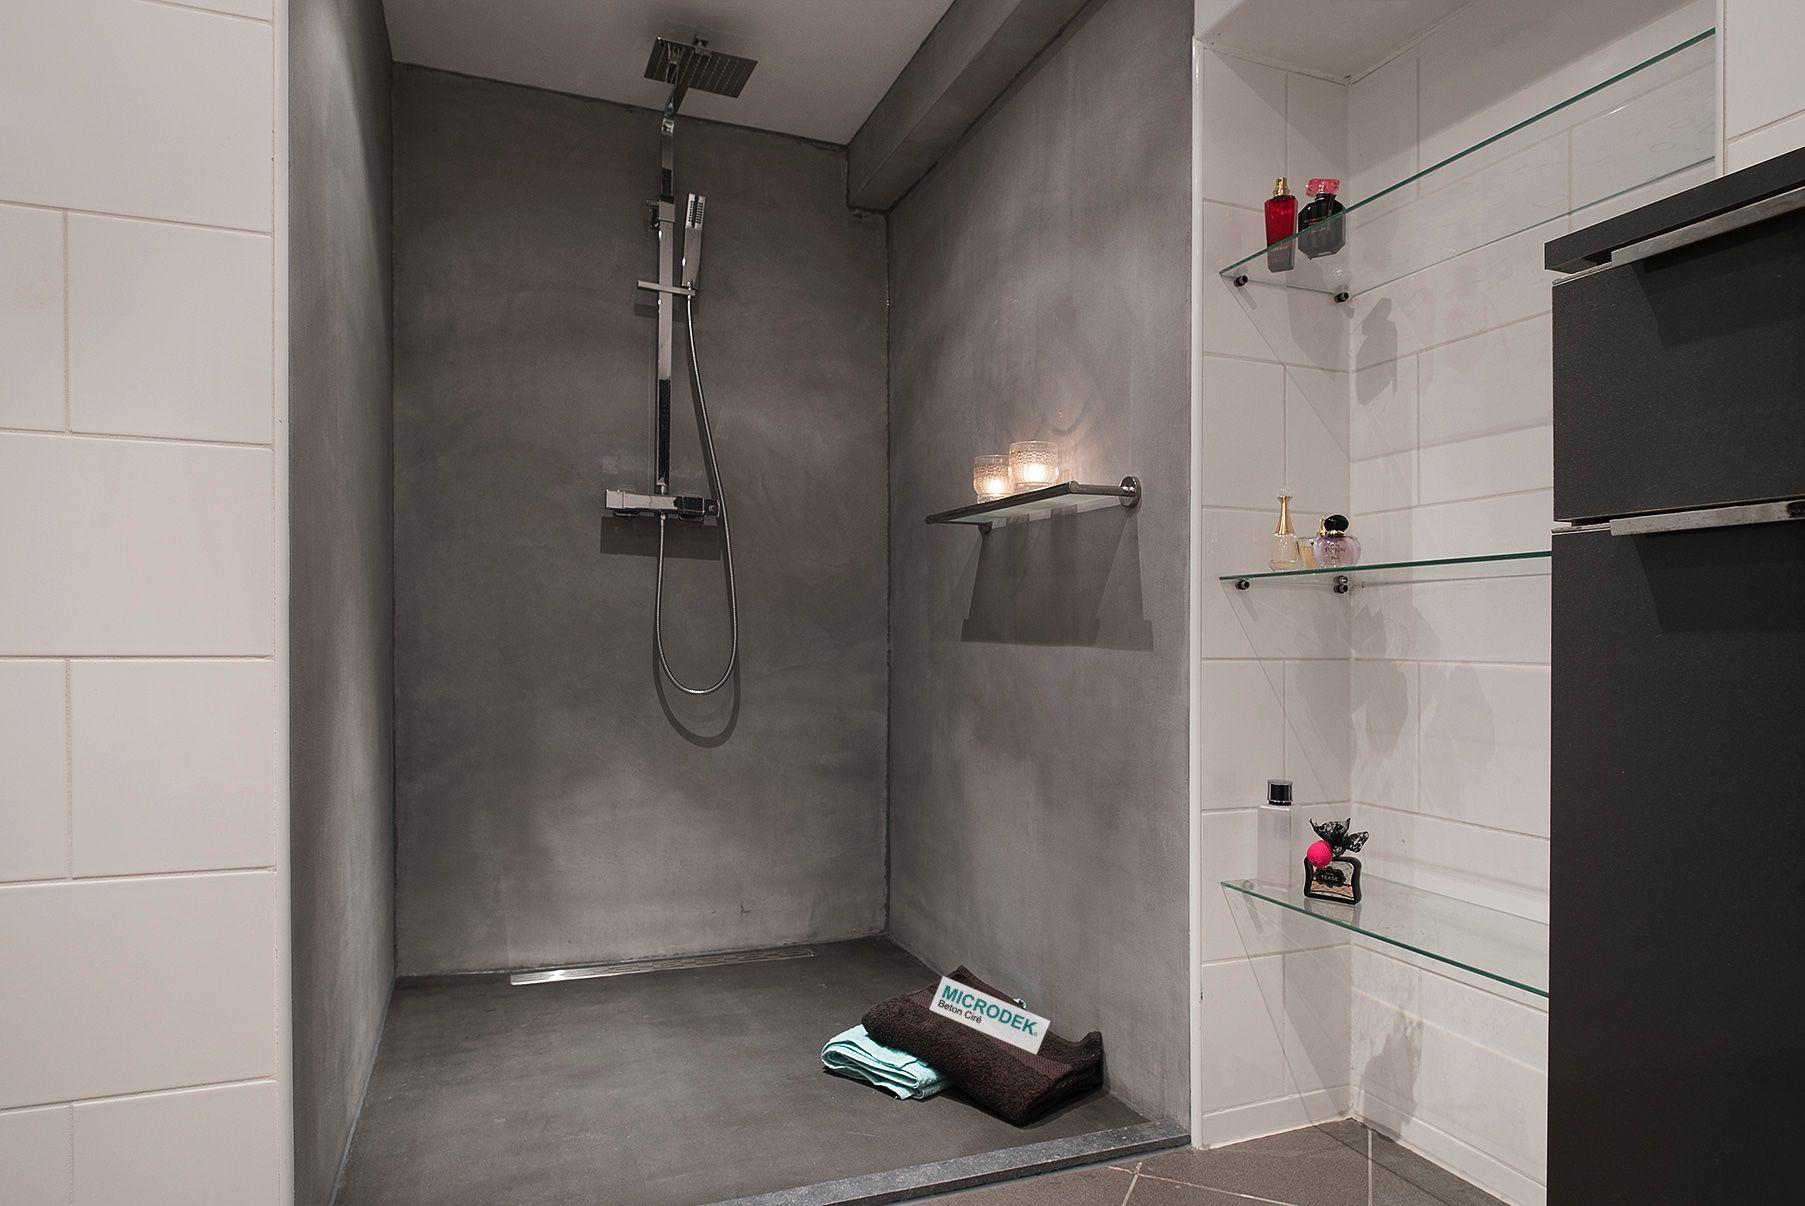 Beton ciré microdek in douche sfeervolle douche met tegels in